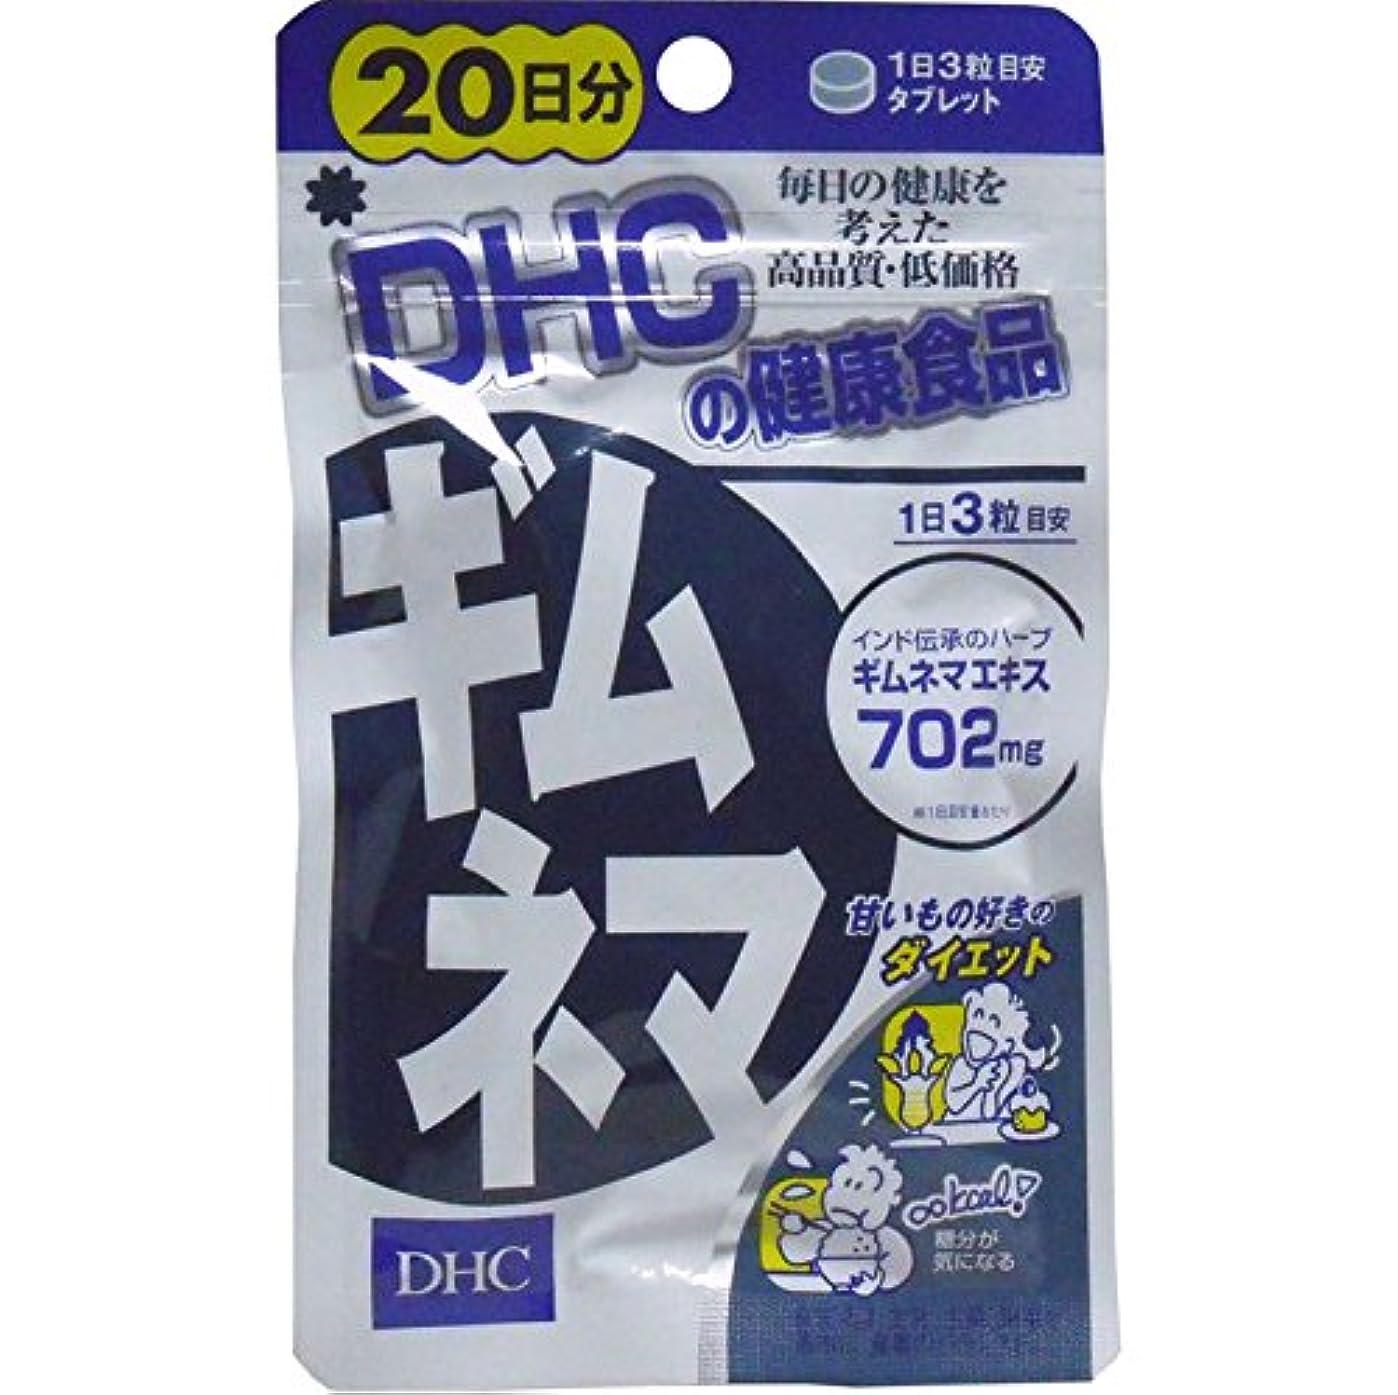 活気づけるまぶしさアクセシブル糖分や炭水化物を多く摂る人に DHC ギムネマ 20日分 60粒